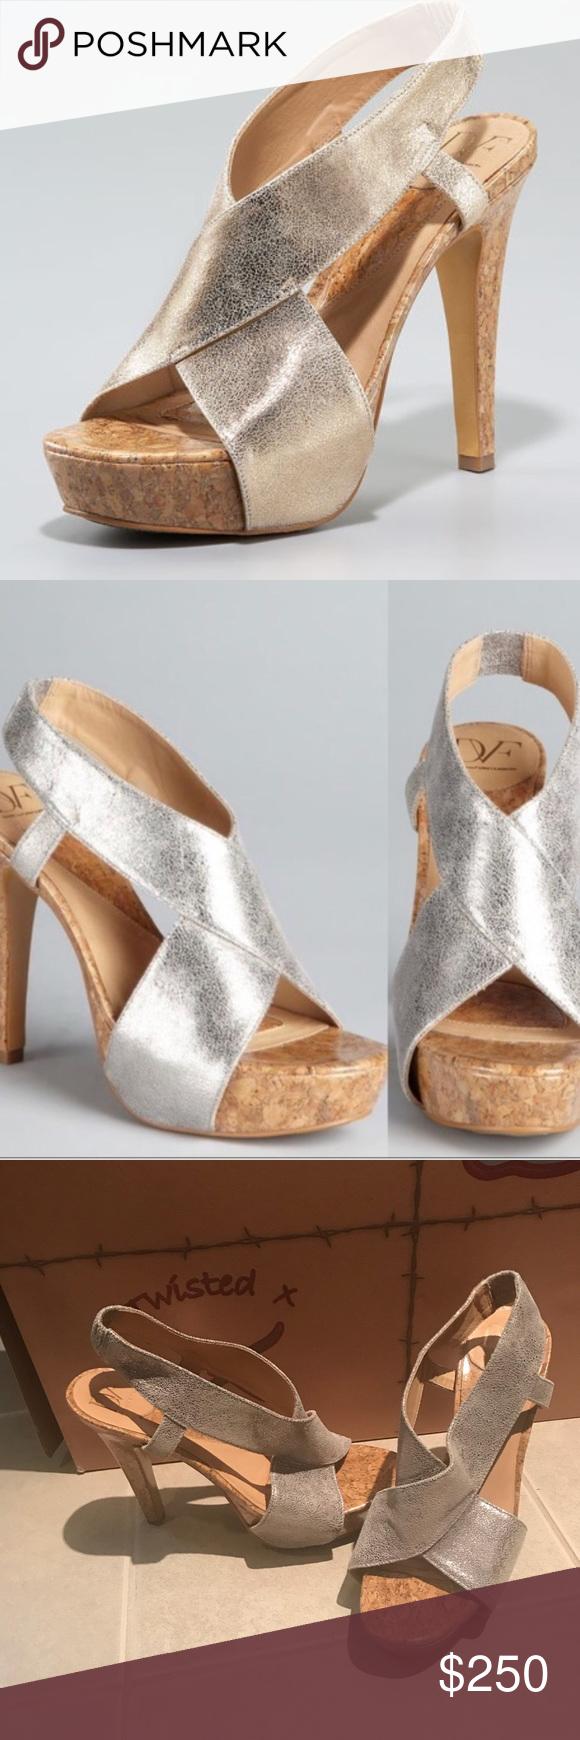 dvf shoes sale